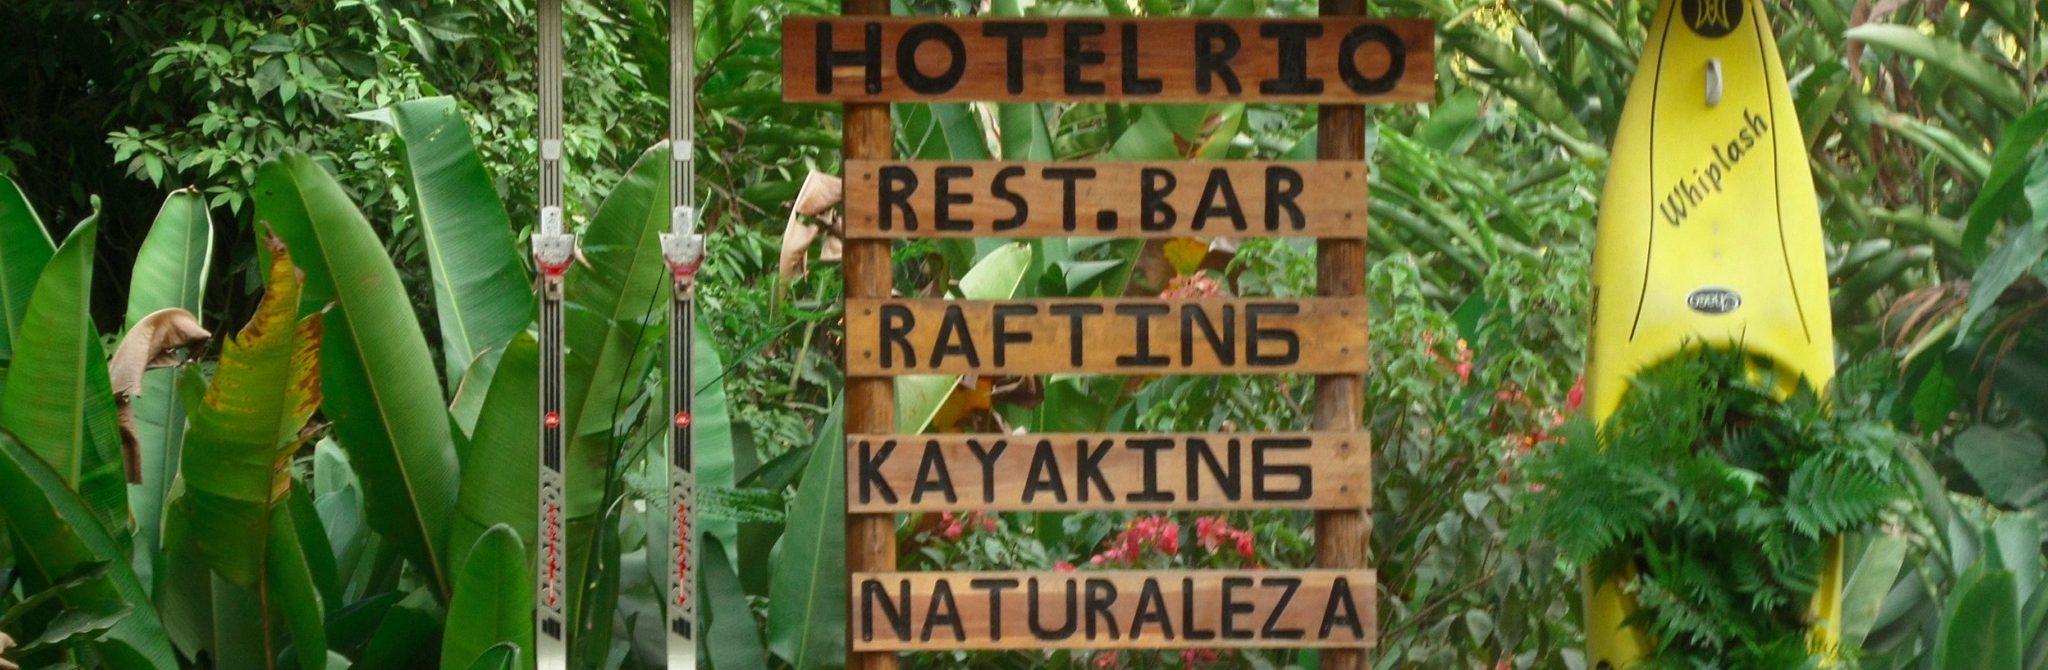 Hotel Rio Sign